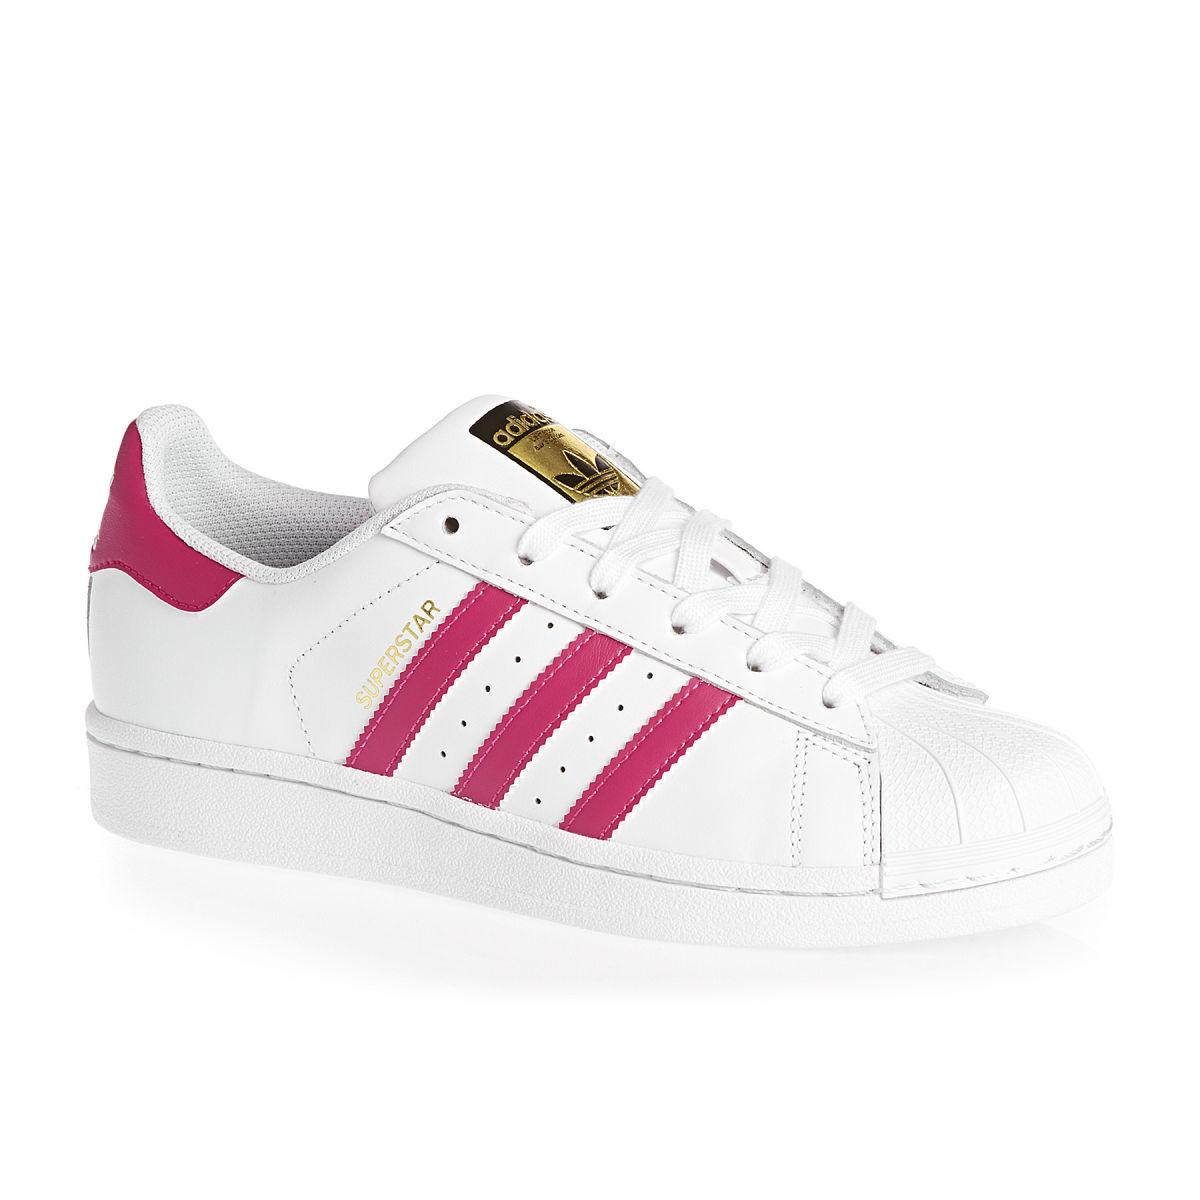 Adidas Originals Schuhe Sale mattscheibe